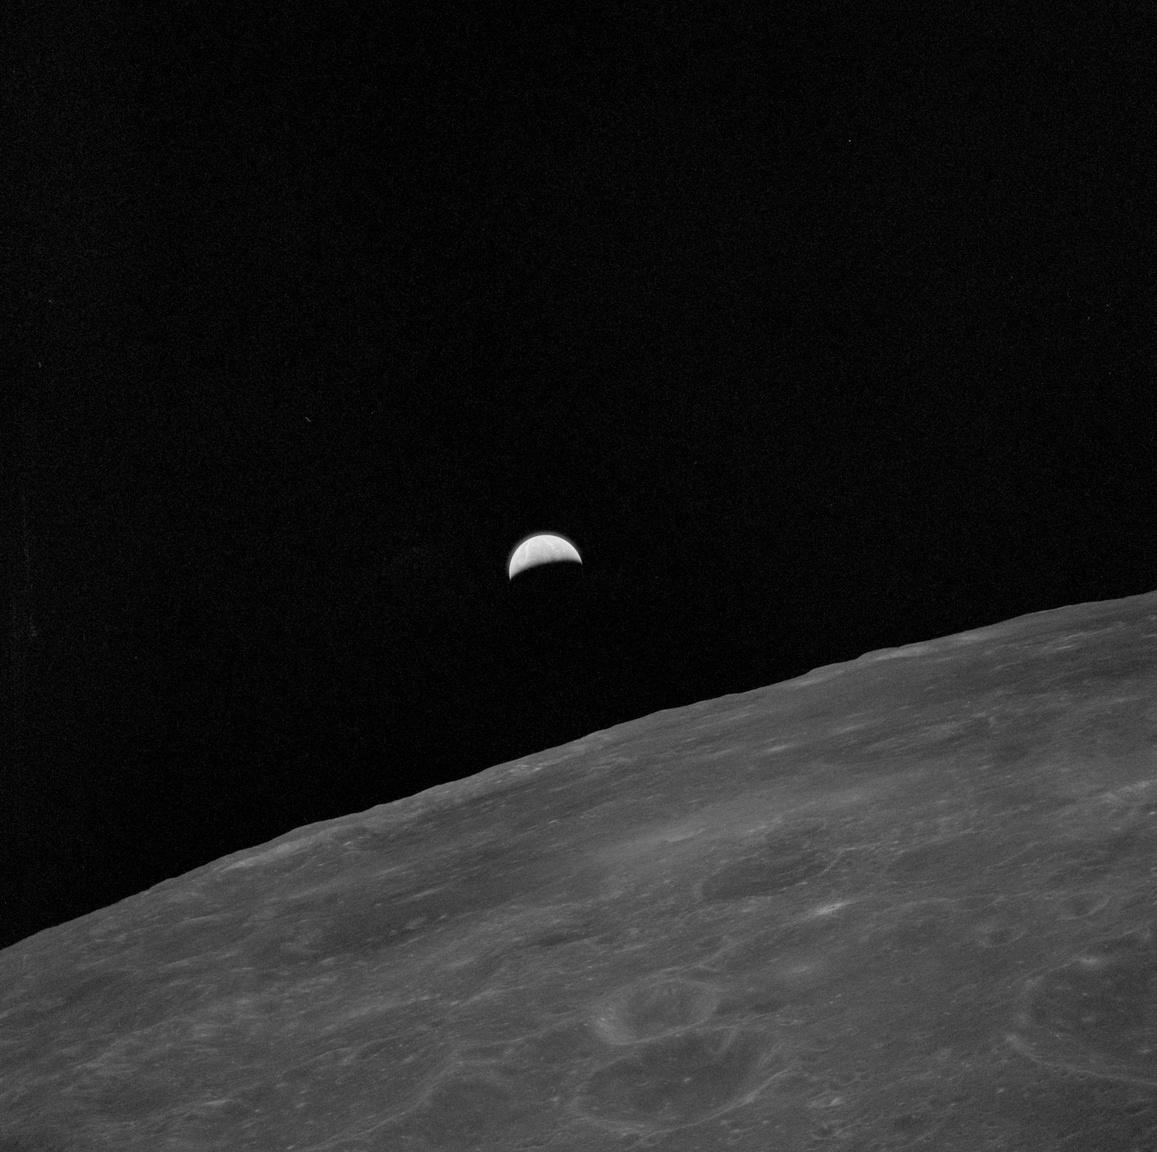 1971. július 31. A 24. Hold körüli kört tevő Al Worden UV-felvétele a horizont mögül kelő Földsarlóról. Valahol odalent, a Hadley-Apennine térségben két társa a vadiúj holdautóval jaszkarizik. Worden három nap alatt összesen 74-szer kerülte meg a Holdat az Endeavor (Apollo CSM-112) űrhajóban. Az egyik megtett kör során  3597 km-re eltávolodott a holdkomptól, ezzel a mindentől és mindenkitől óriási távolságra keringő űrhajós be is került a Guinness világrekordok könyvébe, mint a valaha élt legmagányosabb, legelszigeteltebb ember.